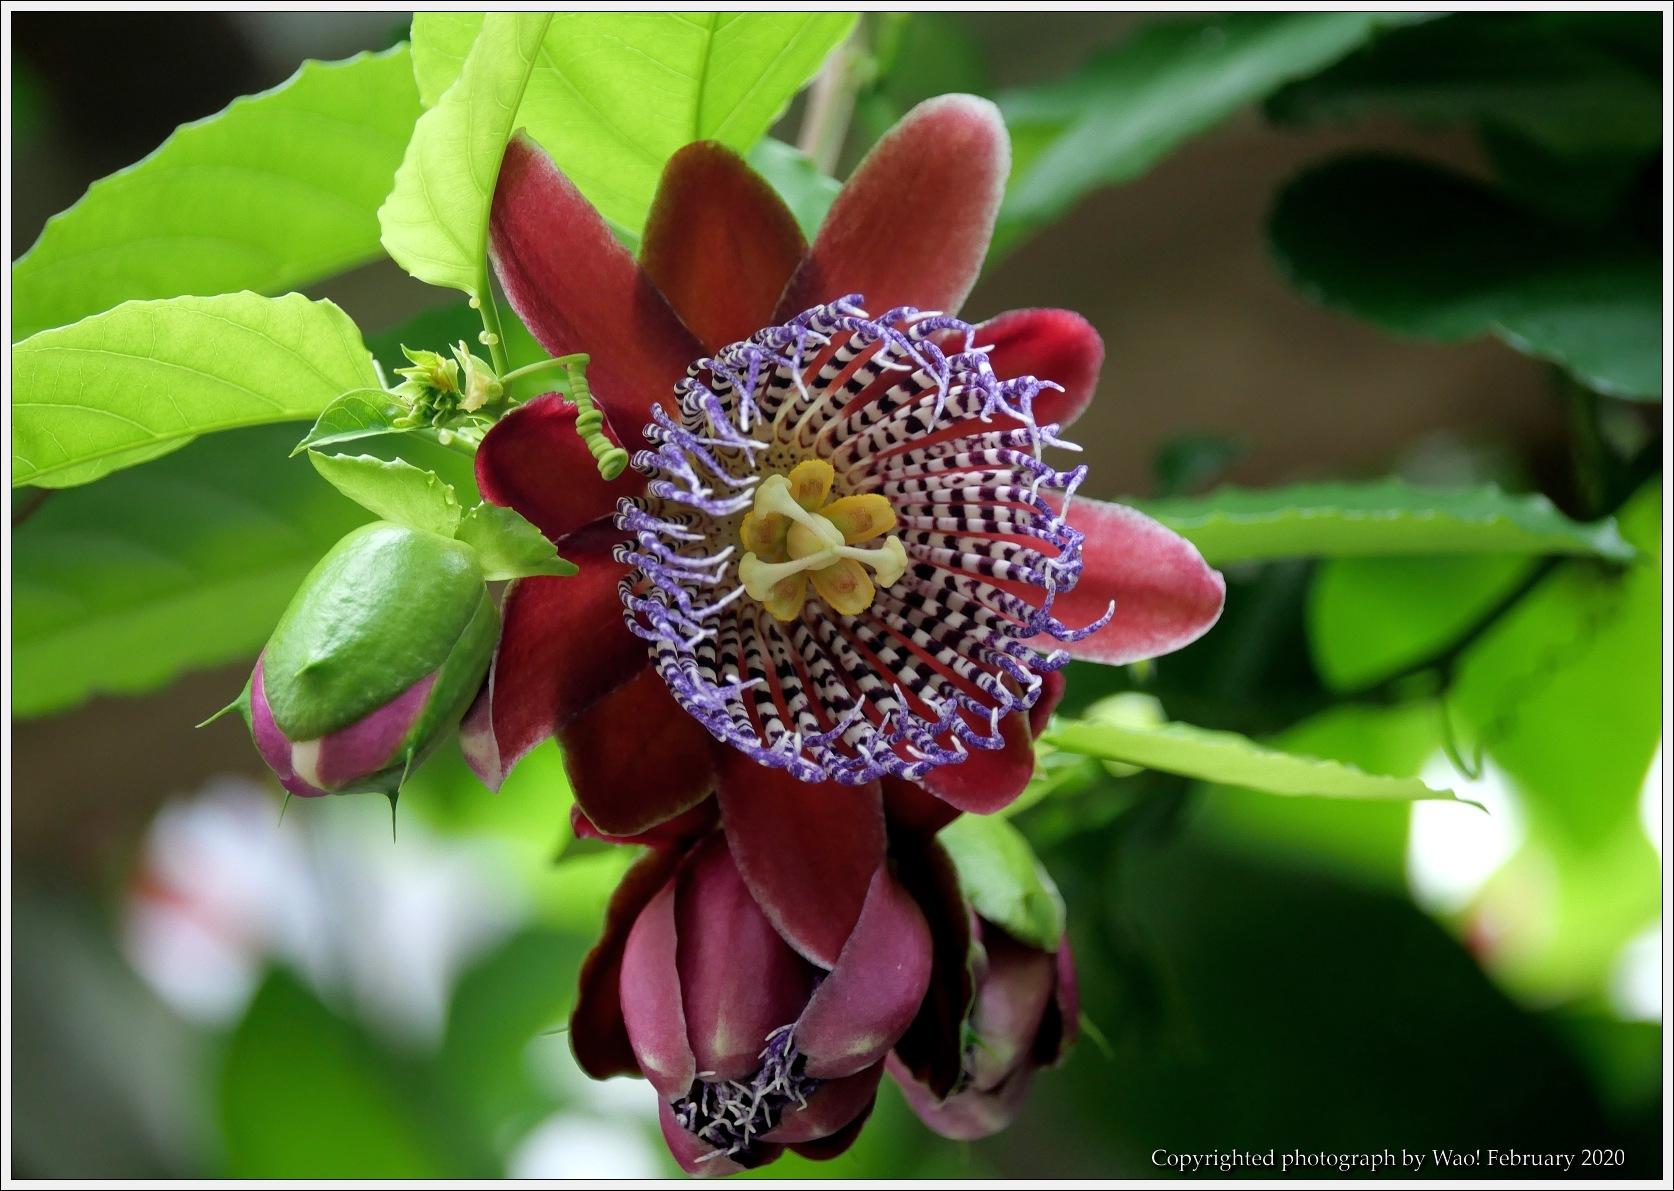 冬のバラと温室の花と蝶_c0198669_14040958.jpg